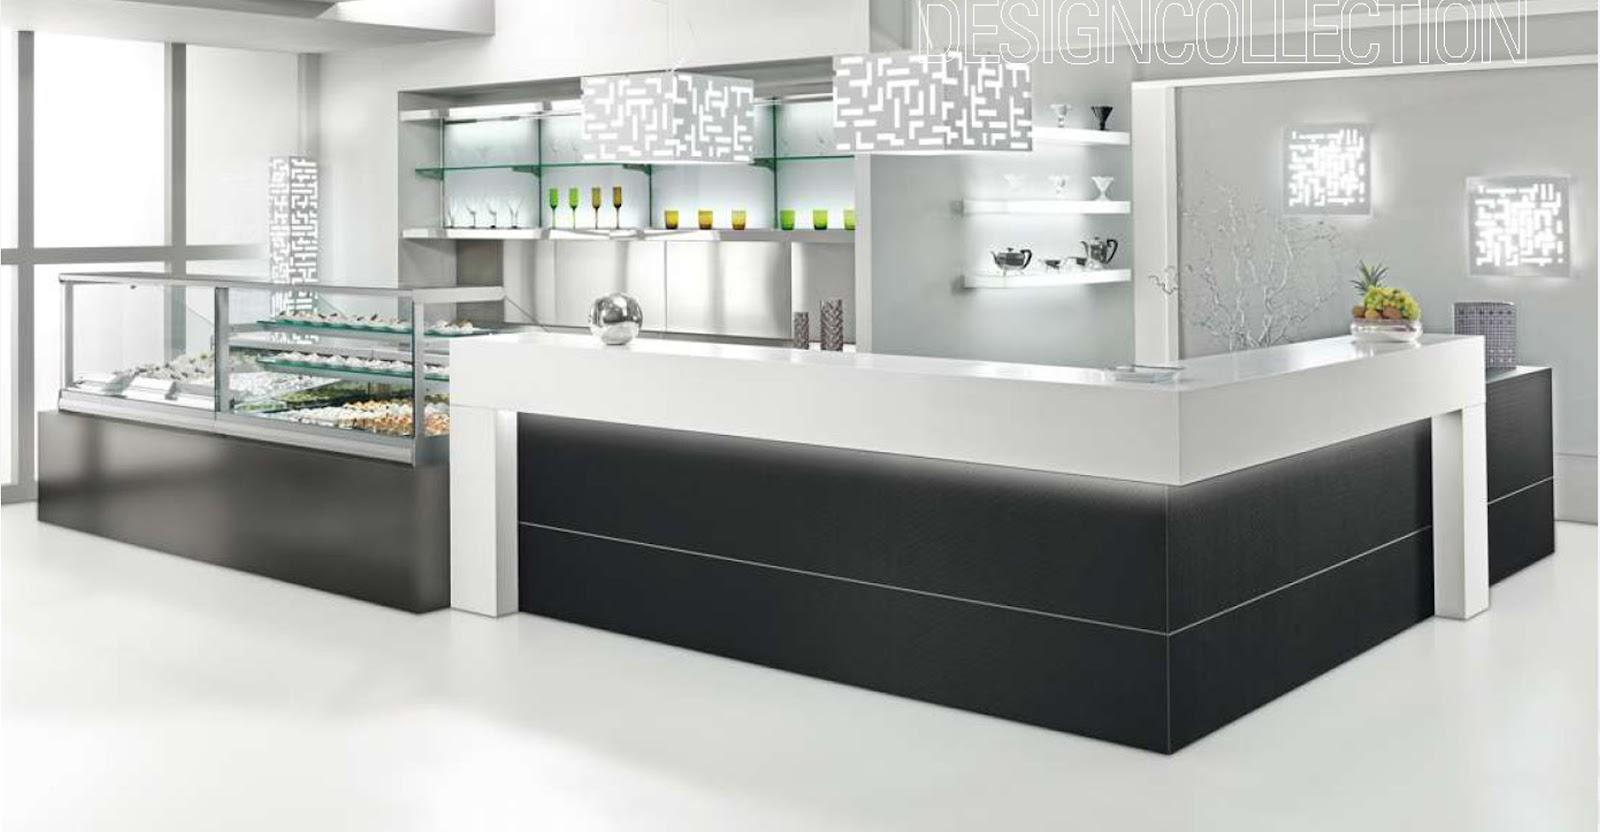 Degart arredamento progettazione bar ristoranti pub a for Arredi bar moderni